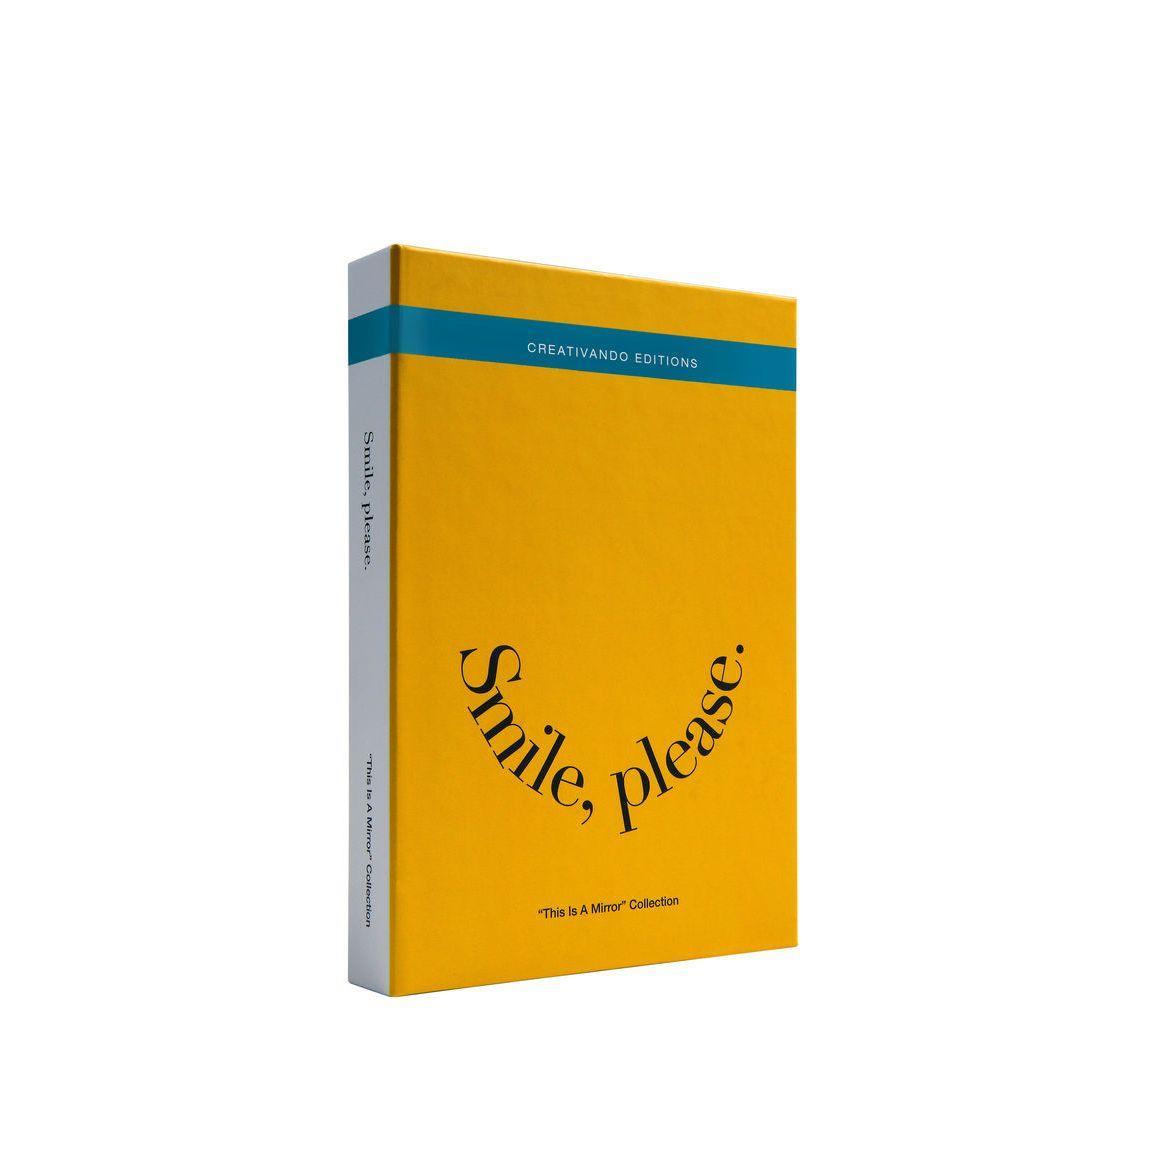 Specchio da borsetta o scrivania a forma di libro copertina gialla testo smile please